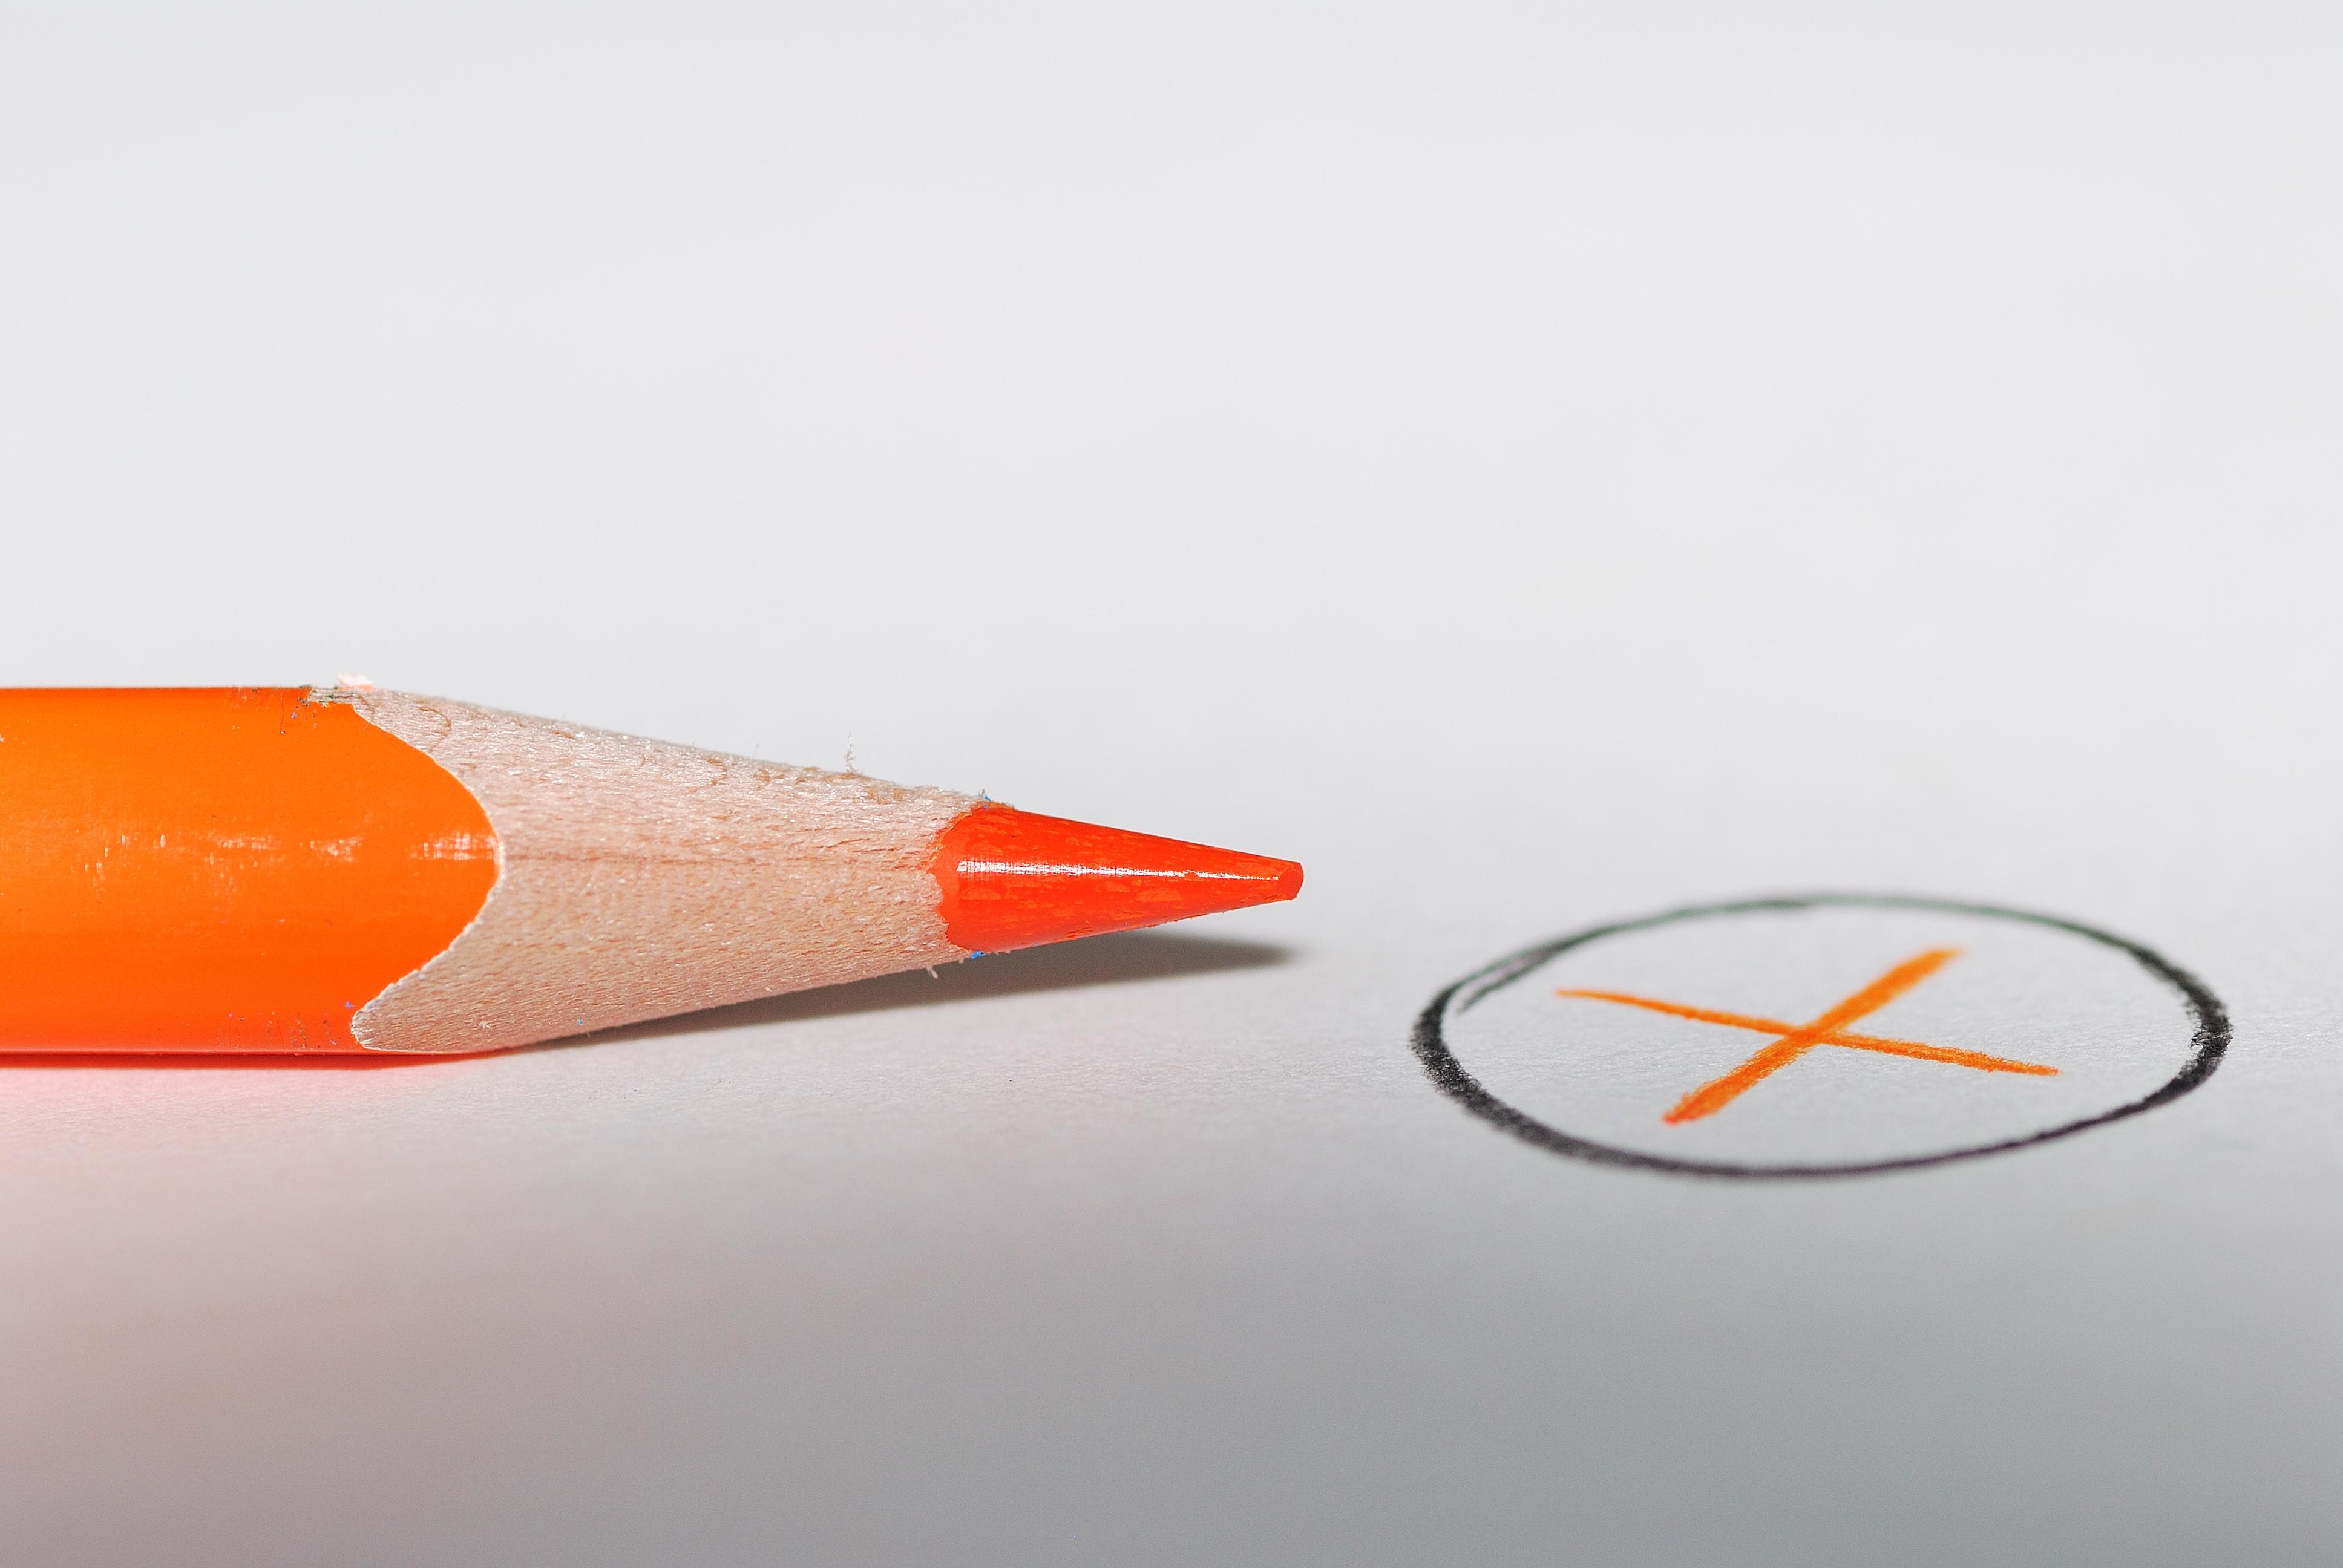 menandai medis percobaan pendidikan belajar dokumen pertanyaan checkbox kerja pena ujian simbol iya nih memilih pesan